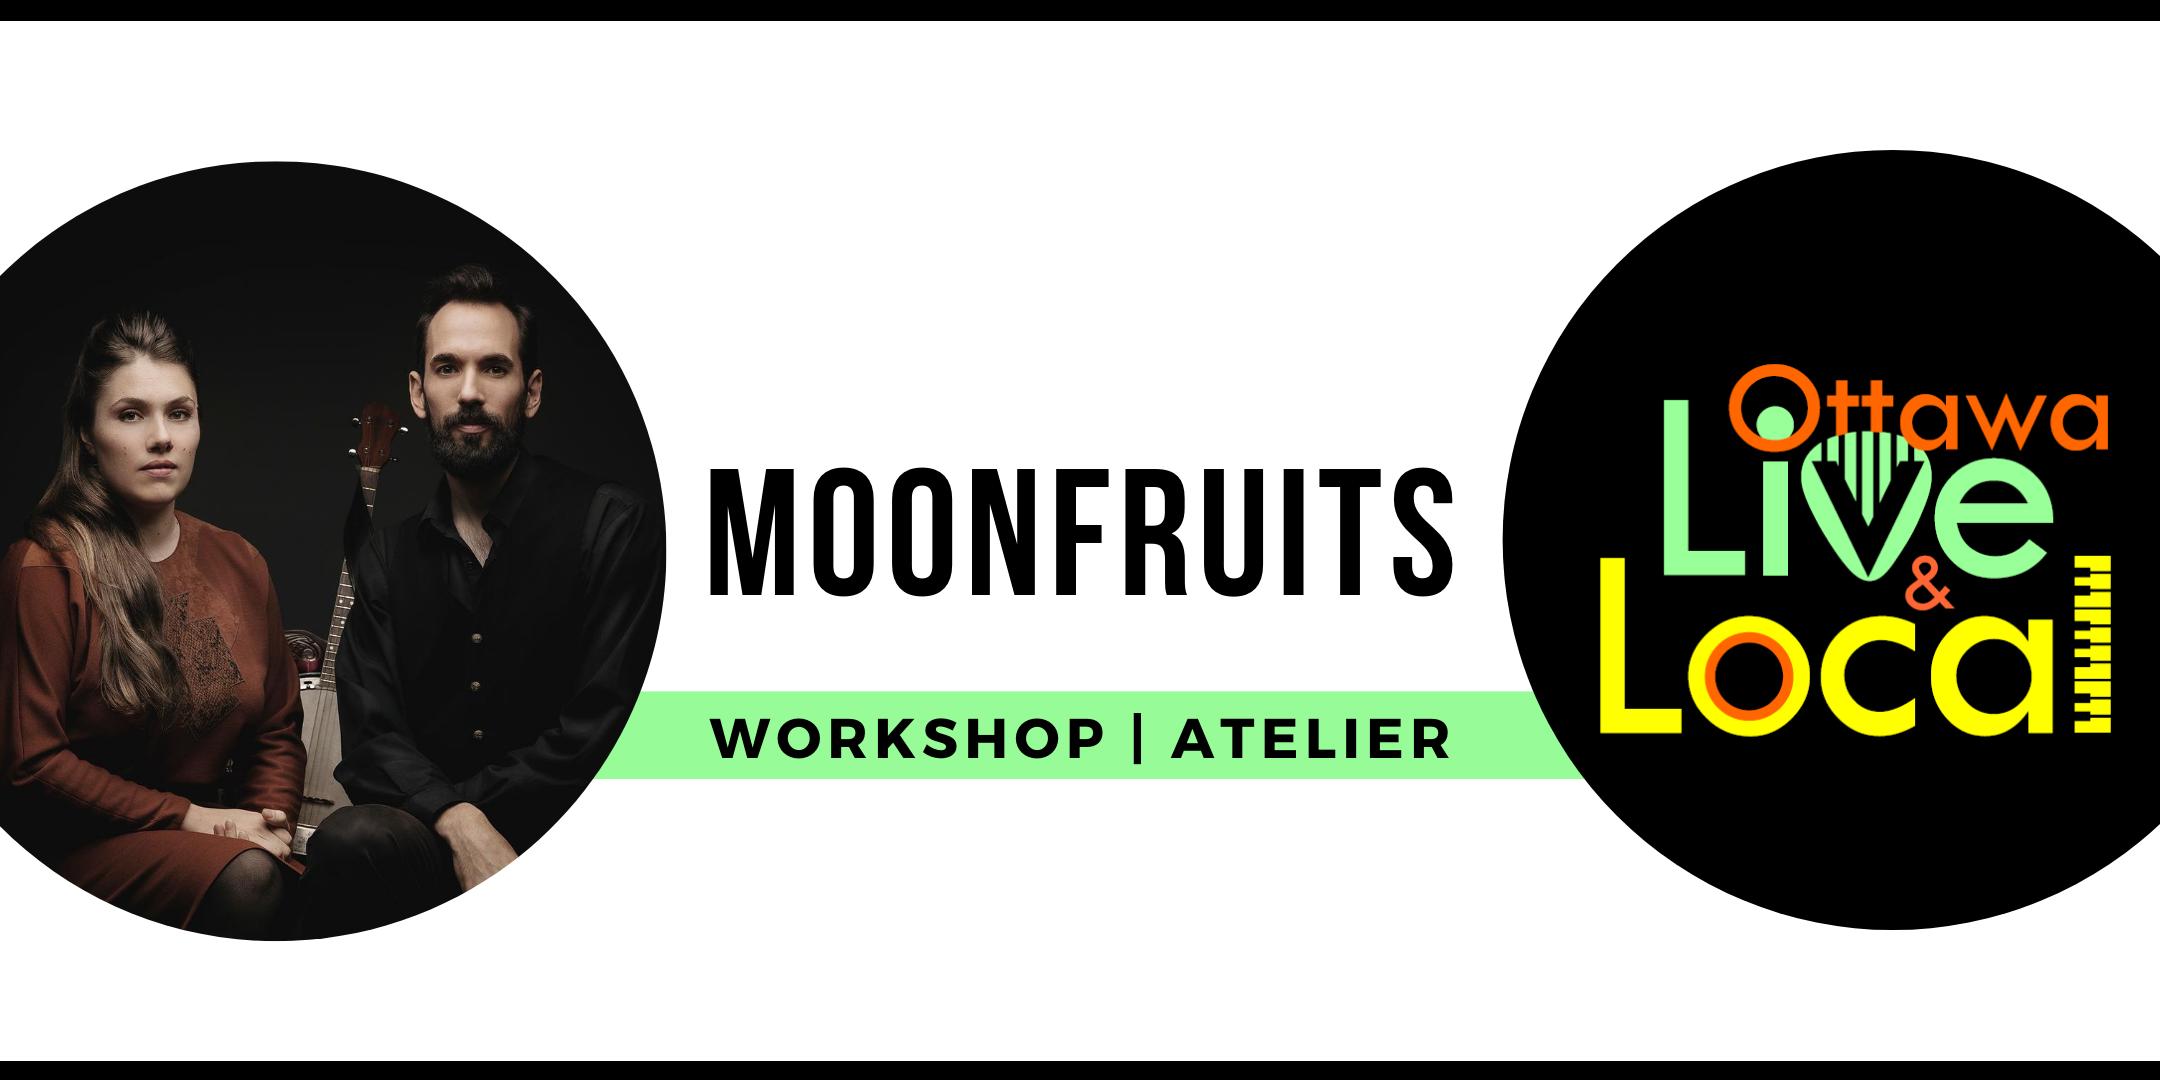 moonfruits-workshop